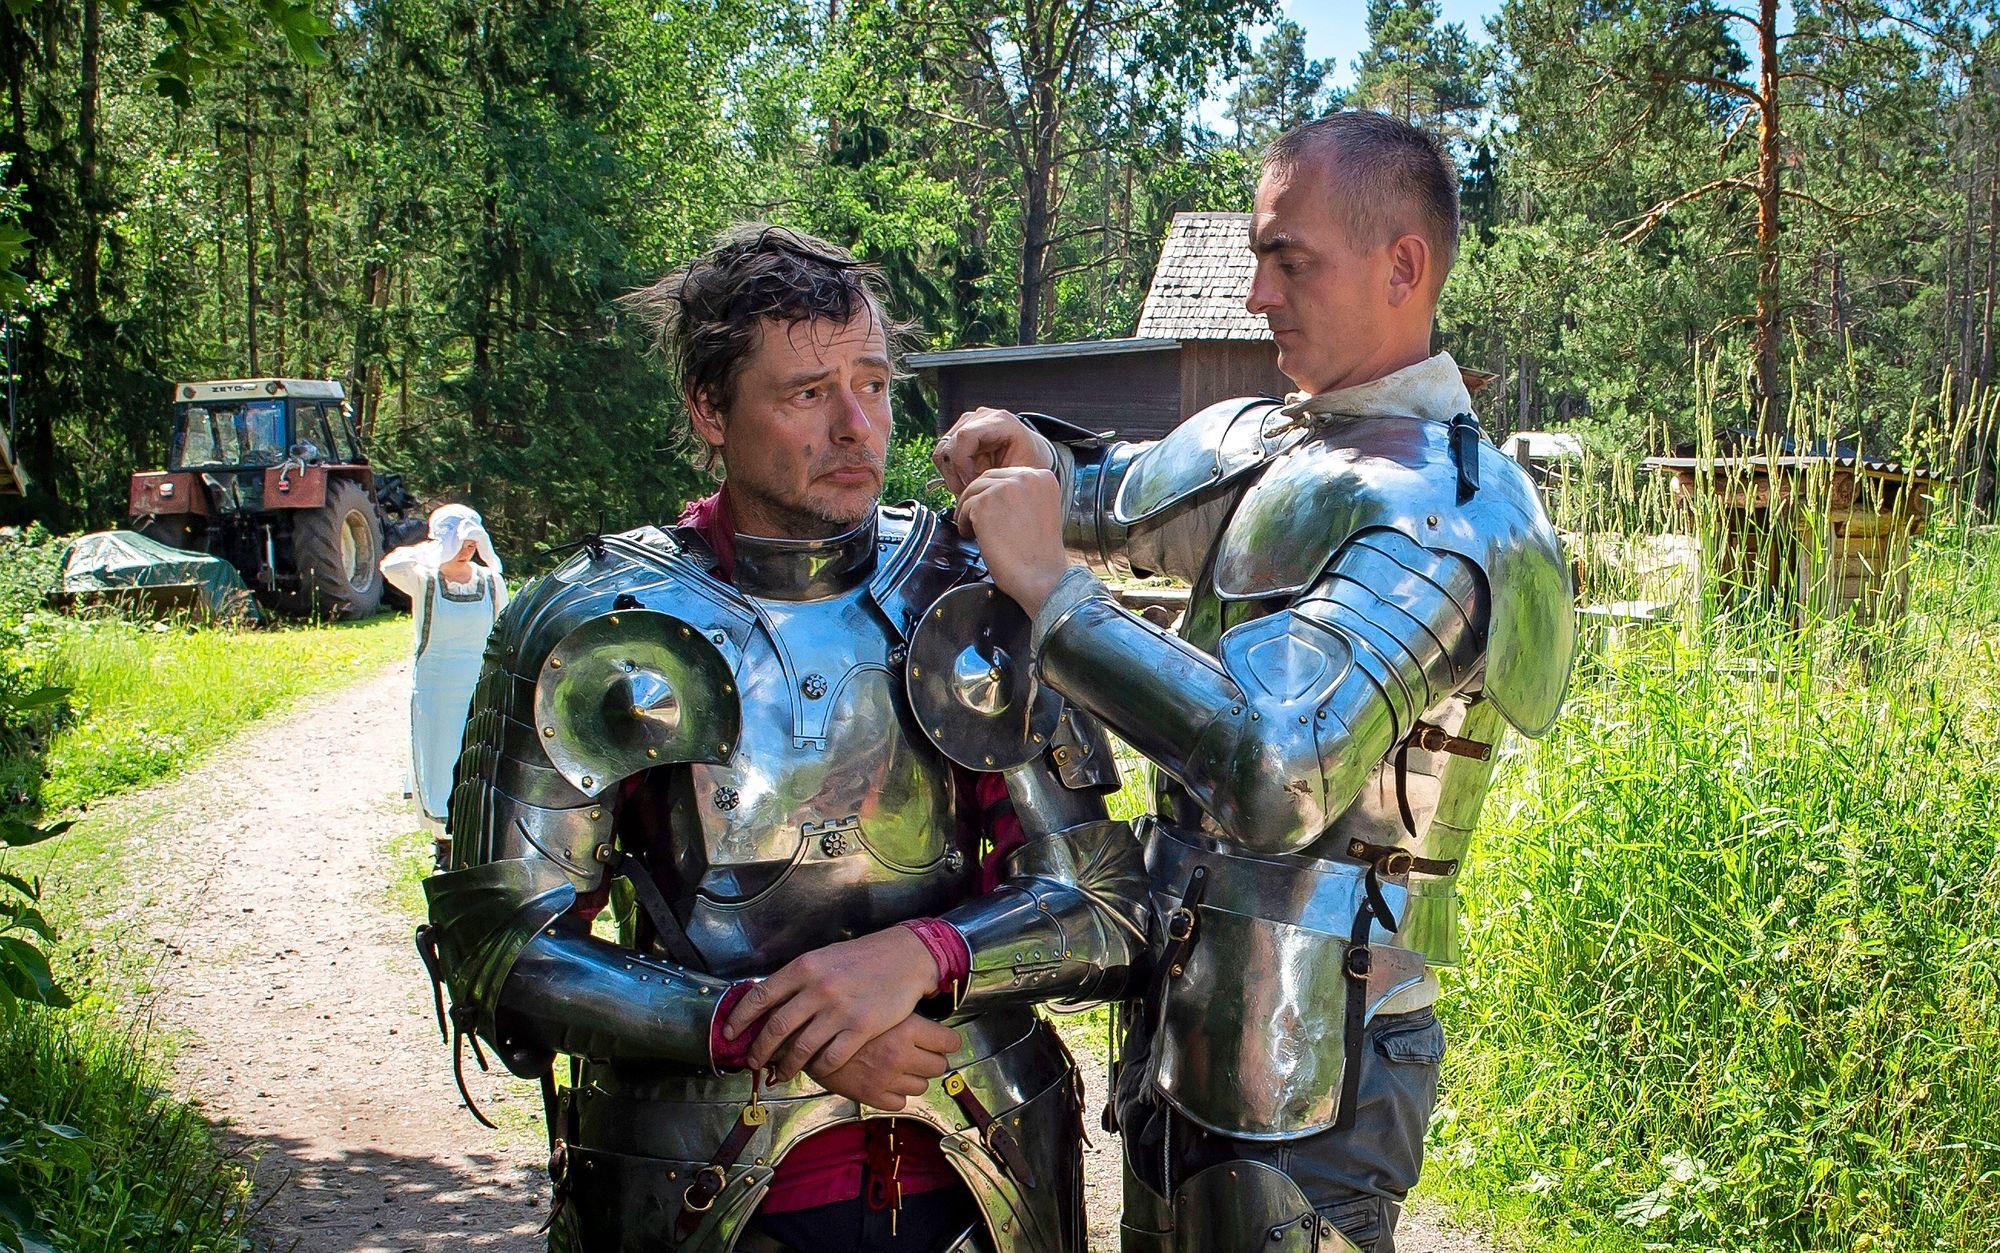 Käsityönä taottu haarniska on arvokas henkivakuutus. Sergii Lugovskyi auttaa Jaakko Nuotiota pukemisessa. © Shoja Lak